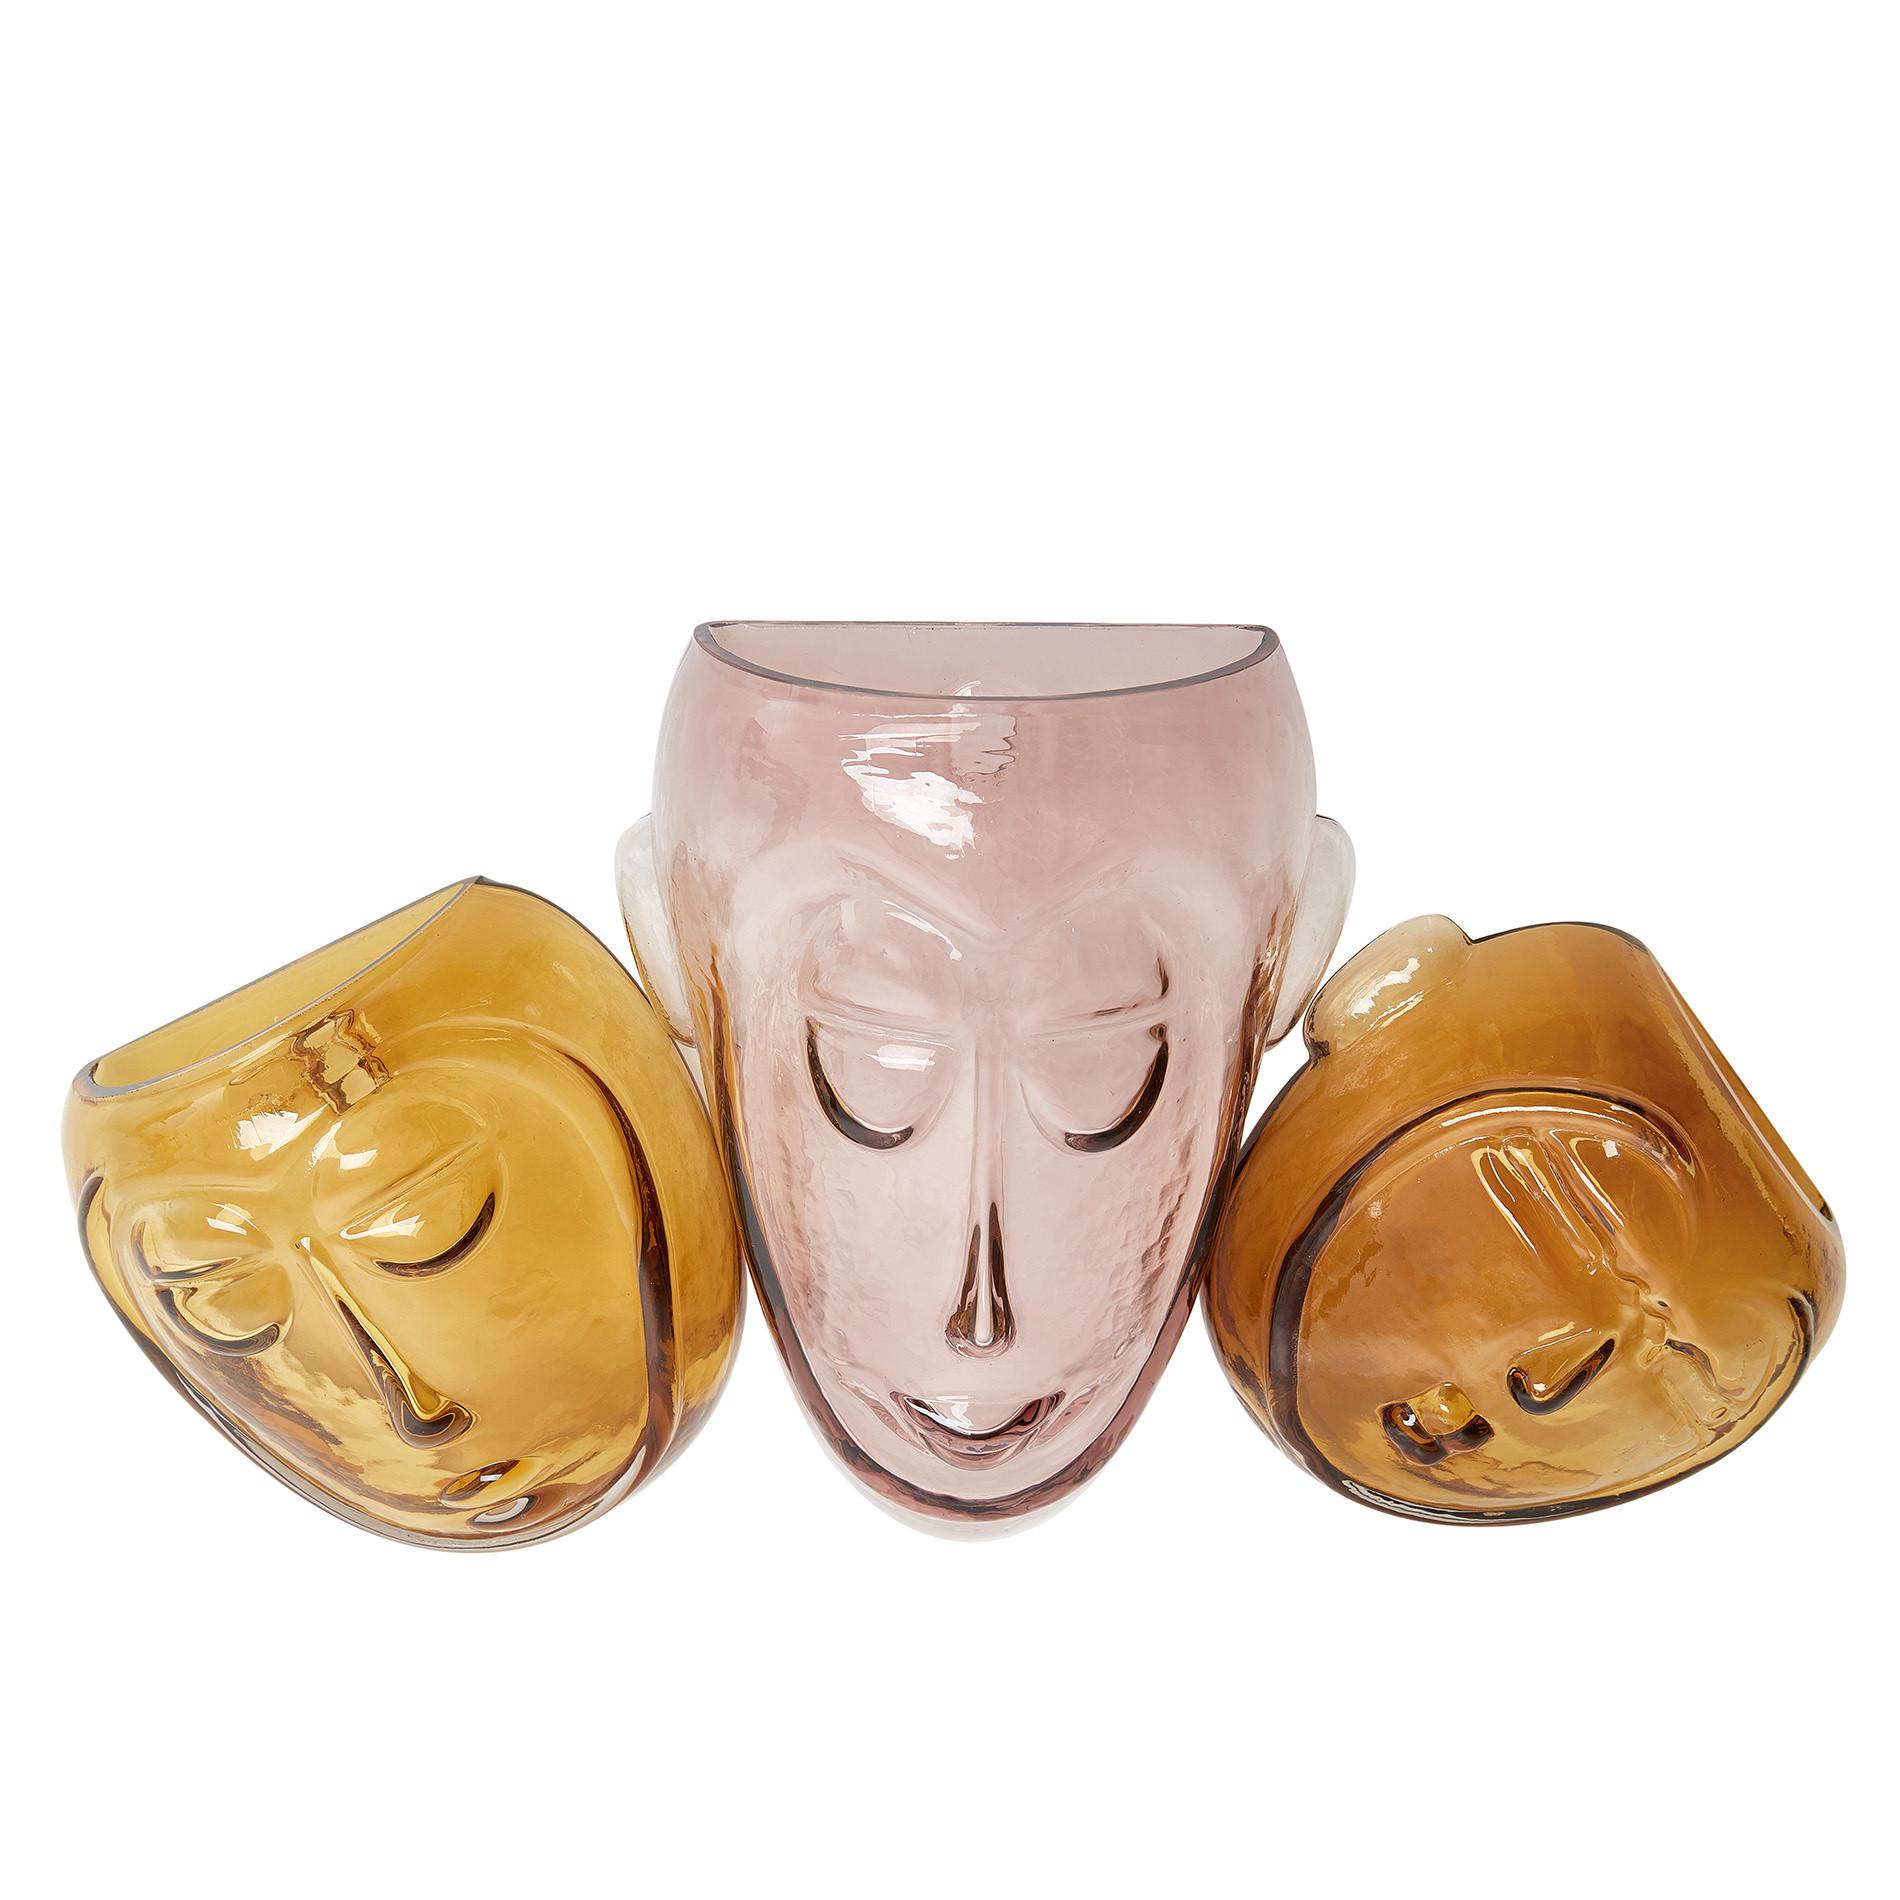 Maschera decorativa vetro colorato in pasta, Trasparente, large image number 1